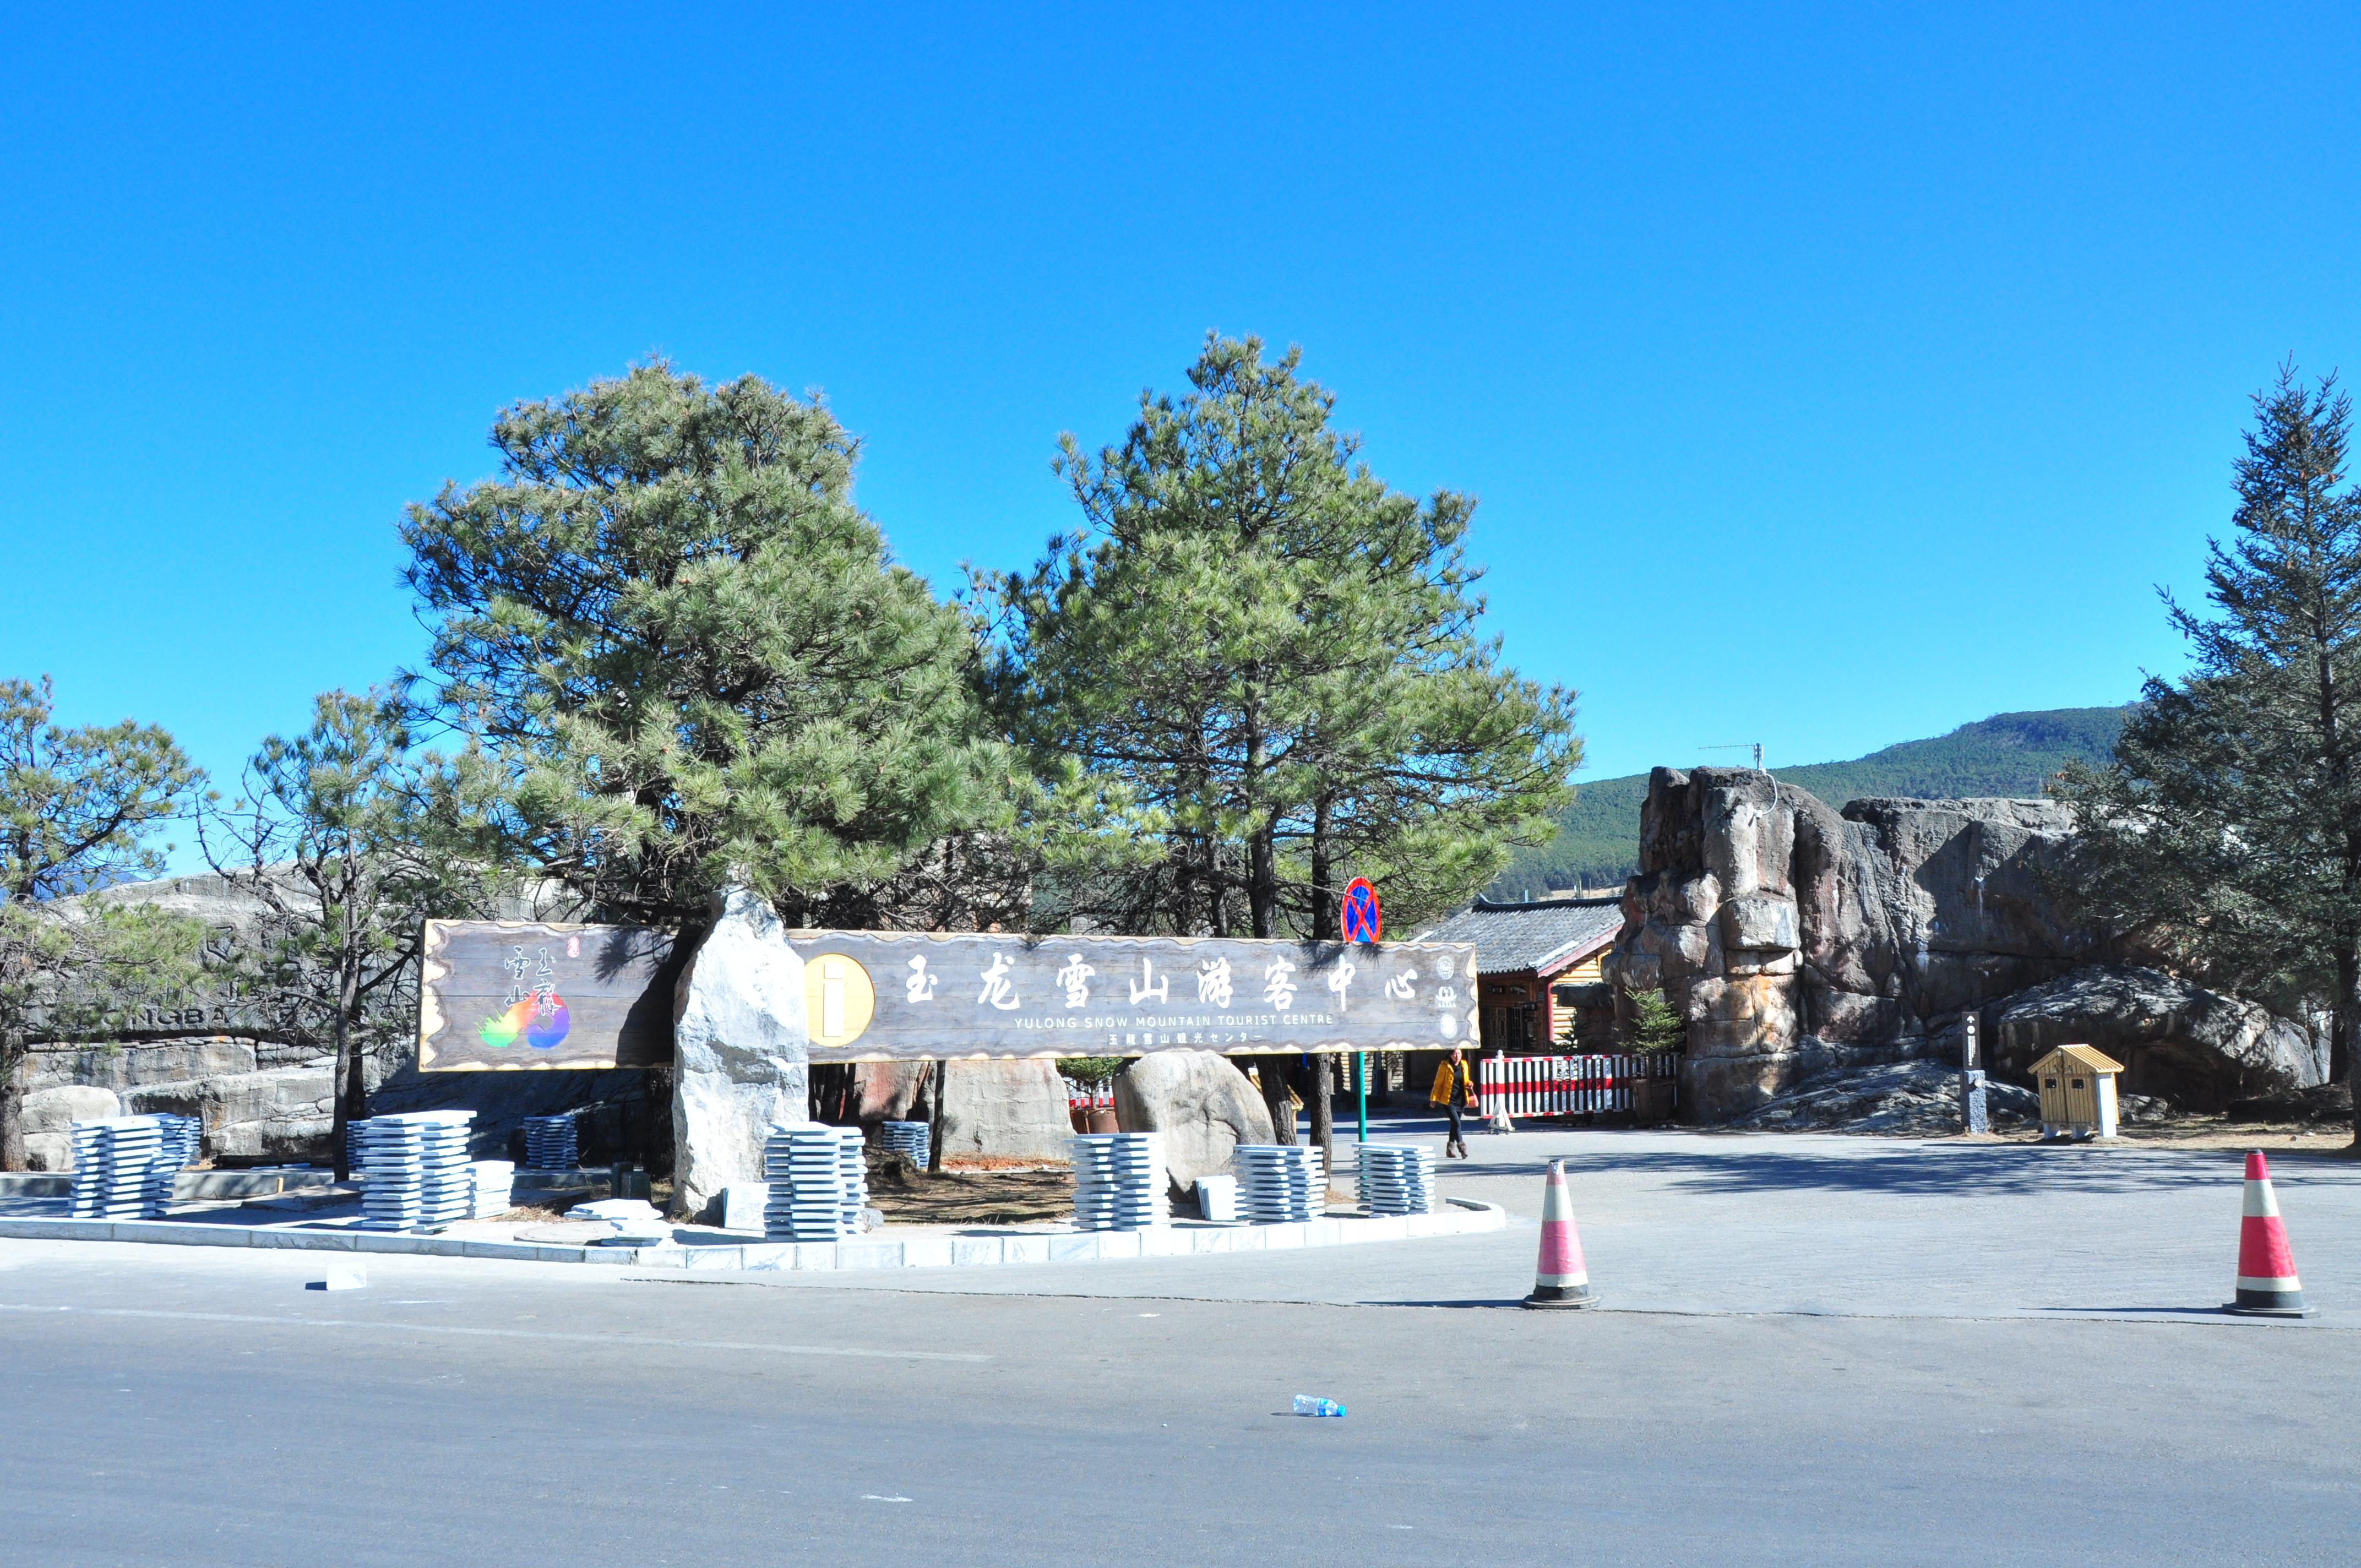 玉龙雪山风景区_成都图片网-看成都.爱摄影